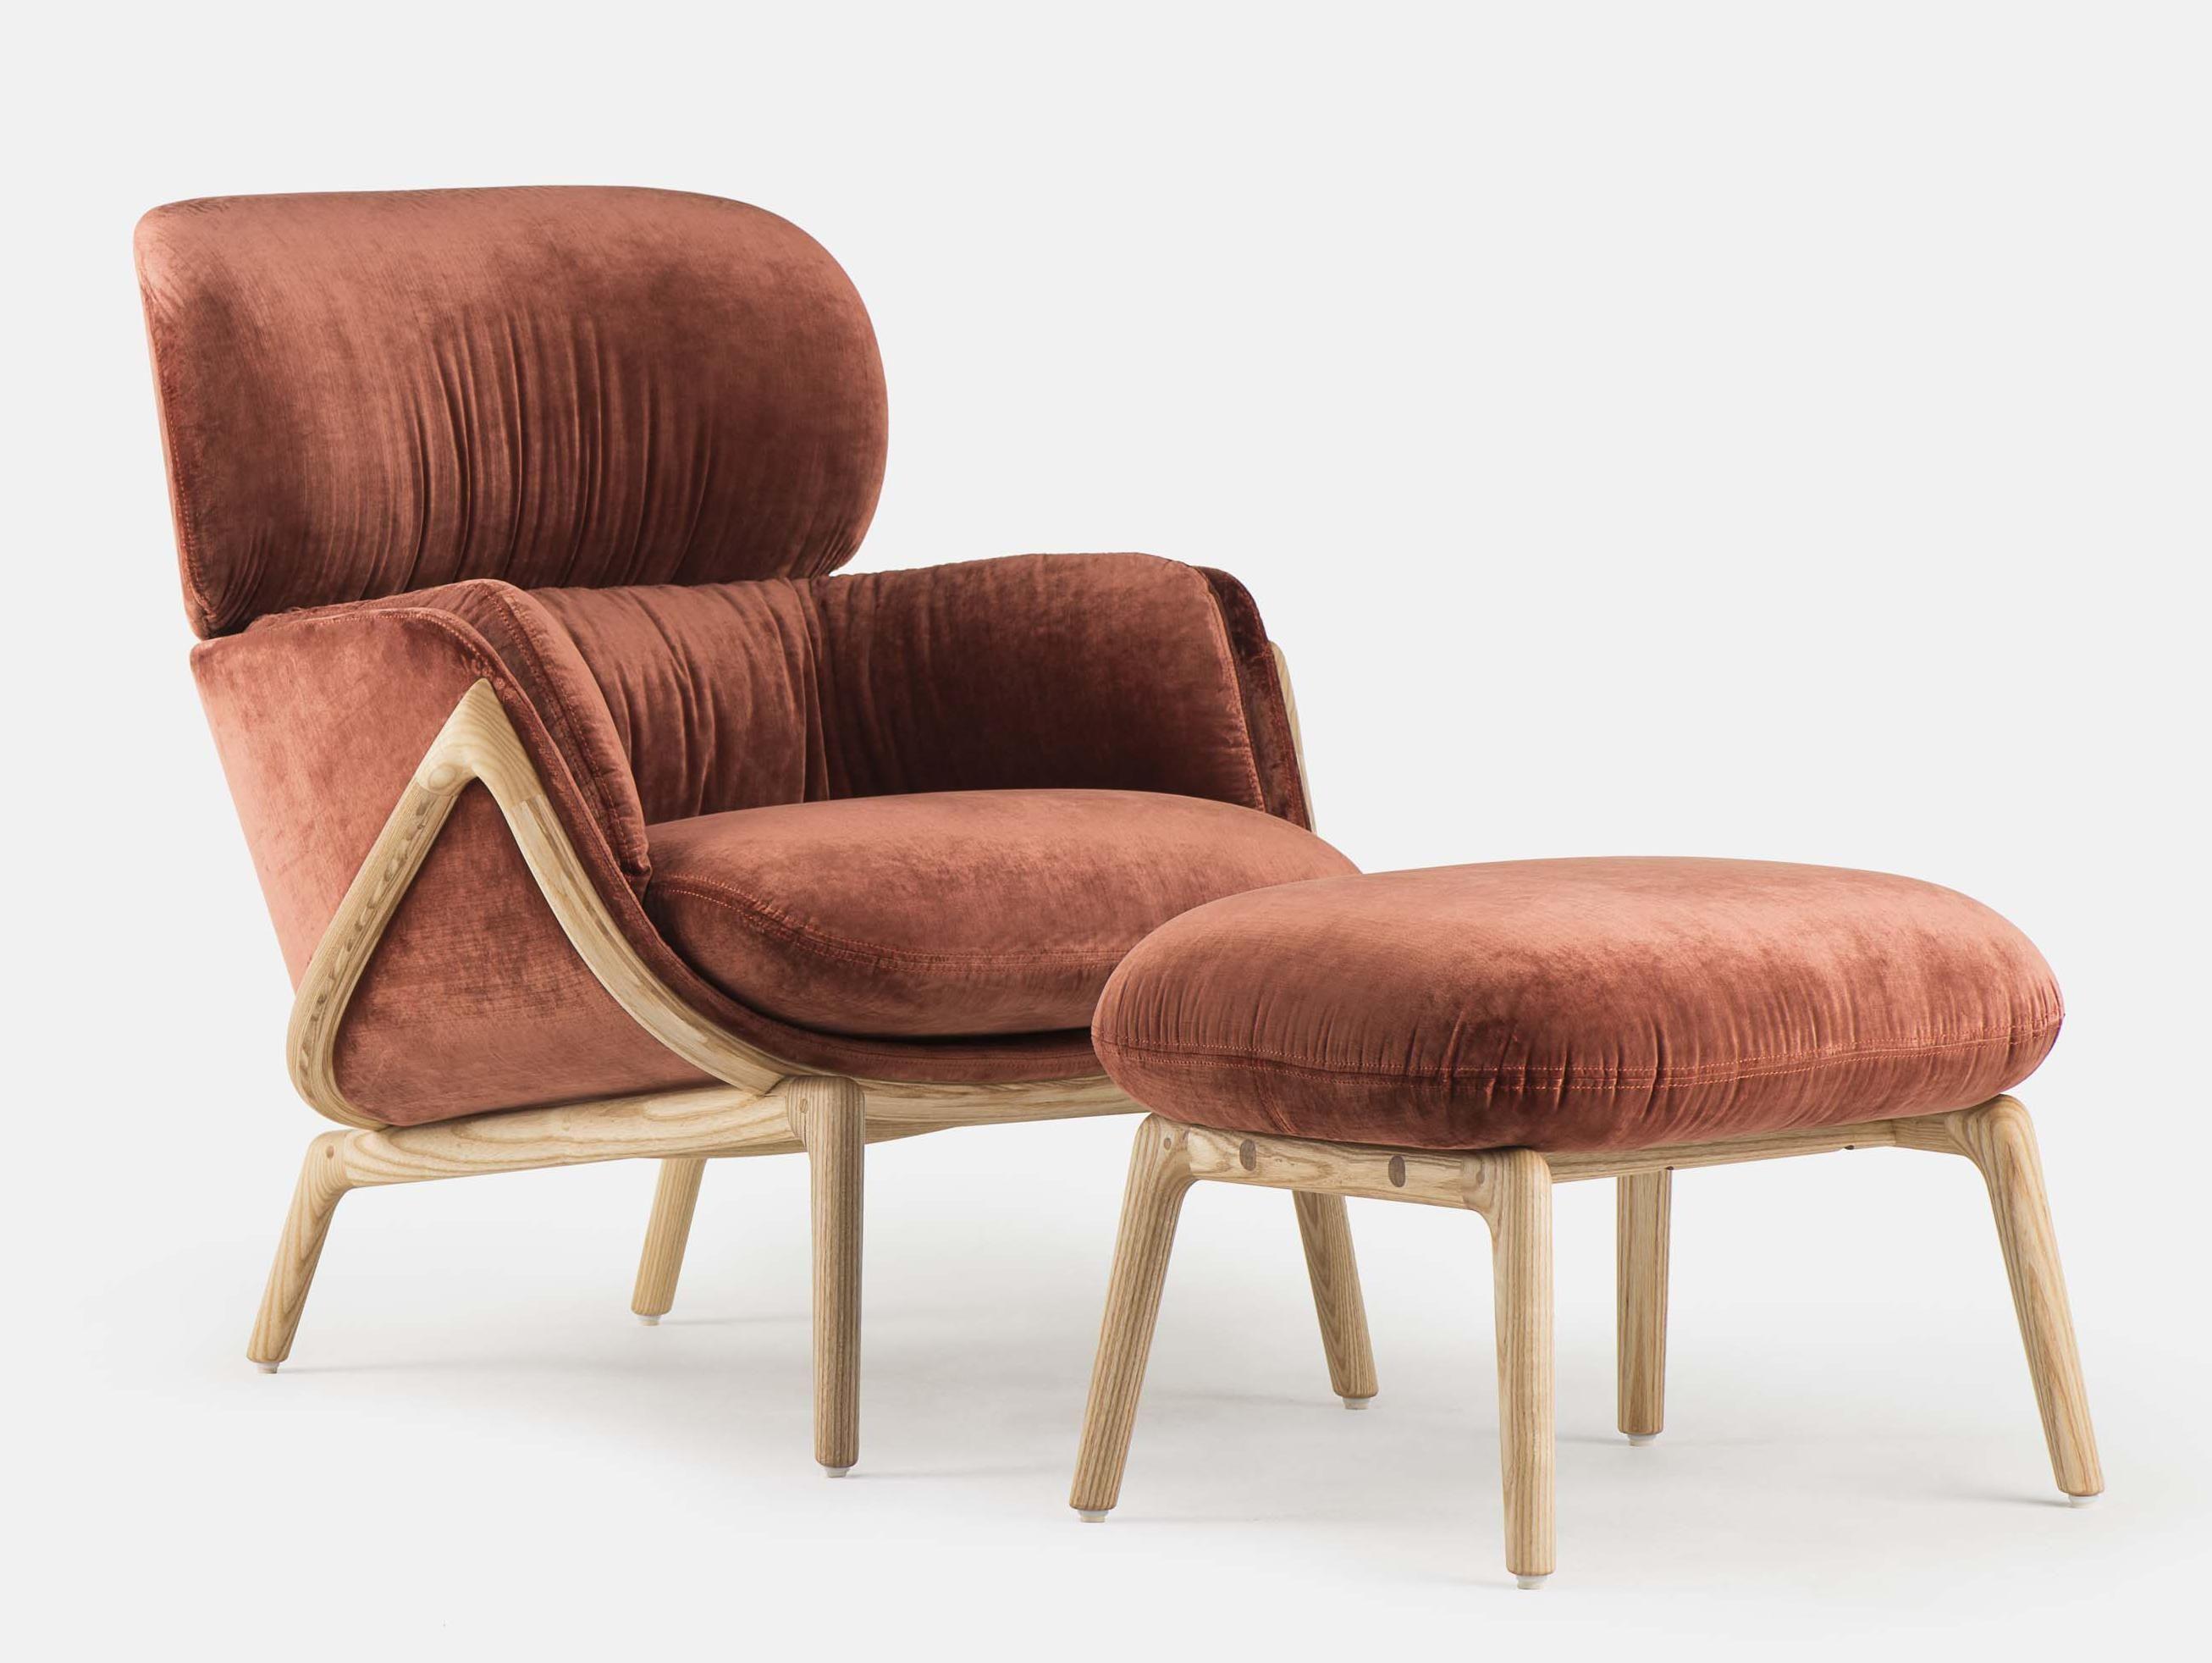 Excellent De La Espada 101O Nino Ottoman By Luca Nichetto Pinks Machost Co Dining Chair Design Ideas Machostcouk